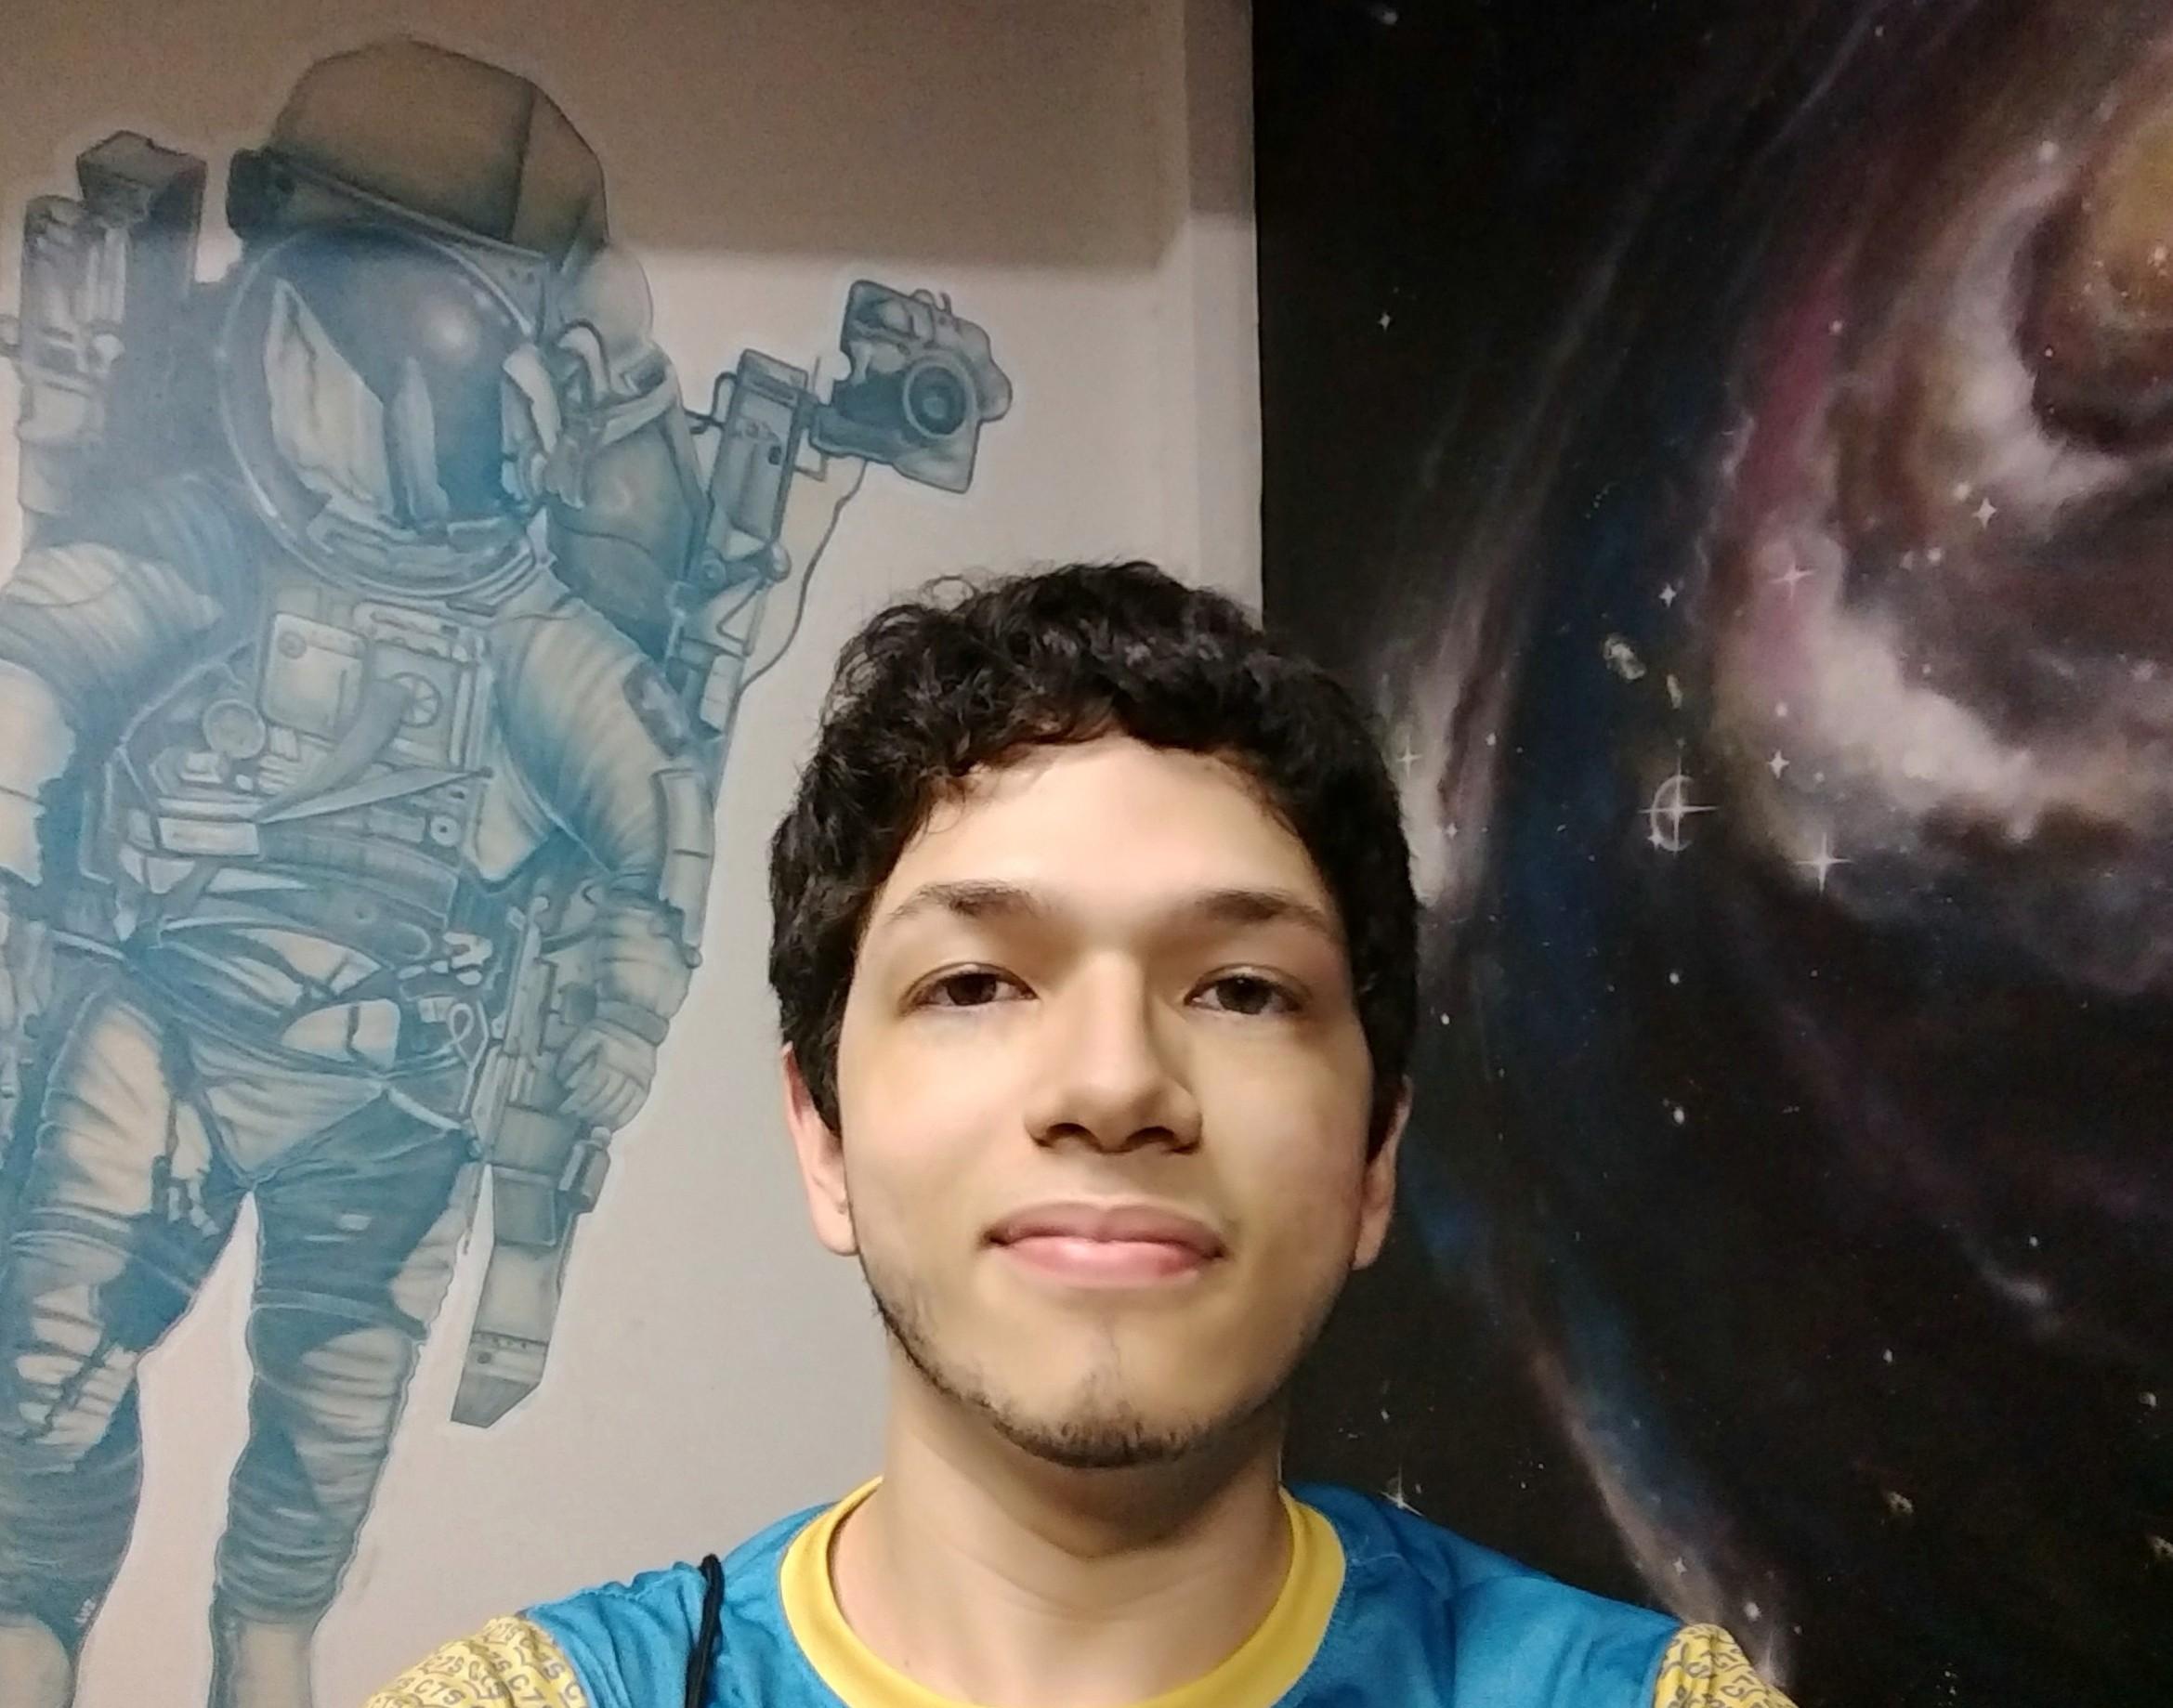 Pedro Pompeu de Sousa Brasil Carneiro - tem 17 anos, é de Fortaleza (CE) e cursa o 3º ano do ensino médio no colégio 7 de Setembro (Foto: divulgação)